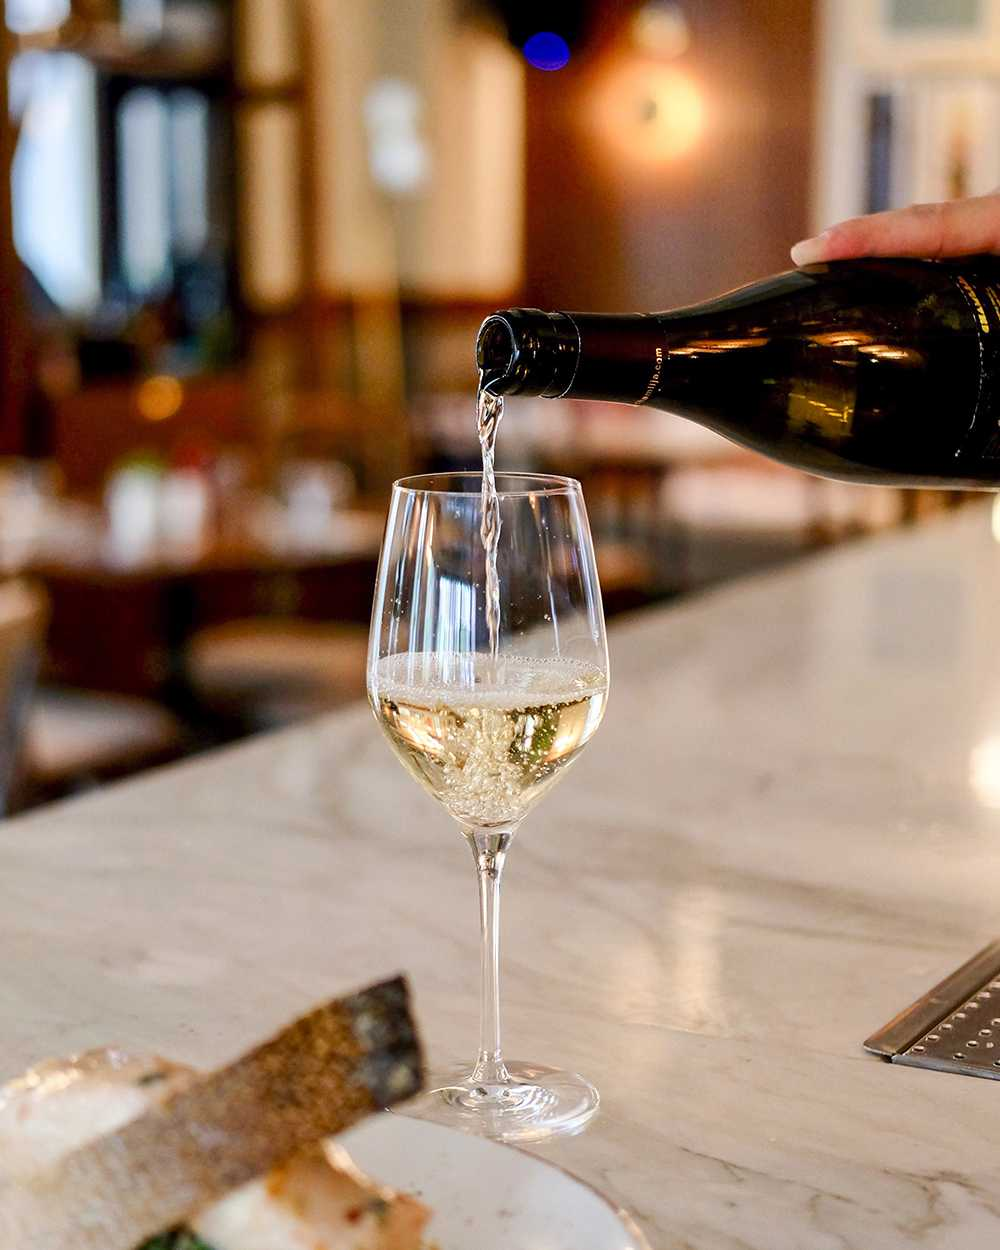 Weisswein wird in einem Weinglas einschenkent